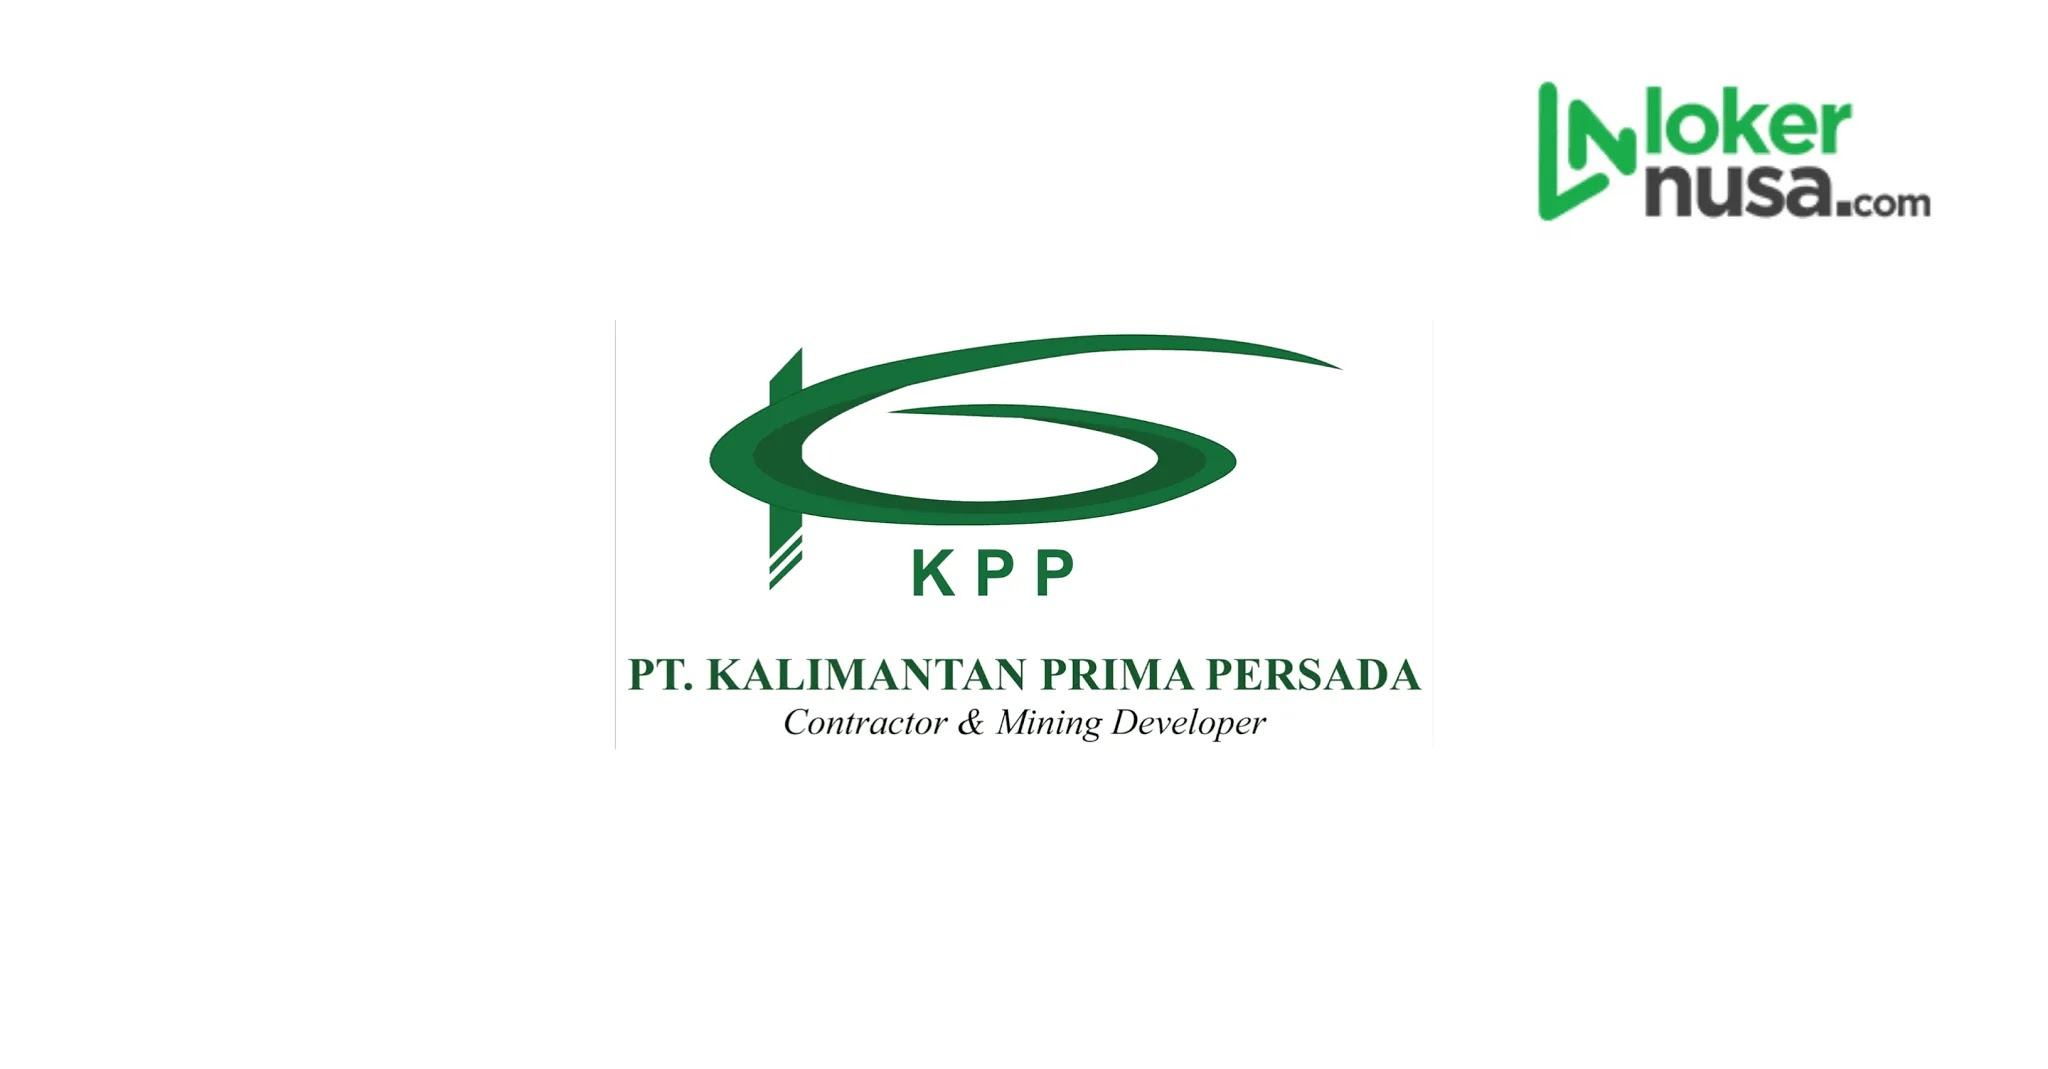 PT Kalimantan Prima Persada